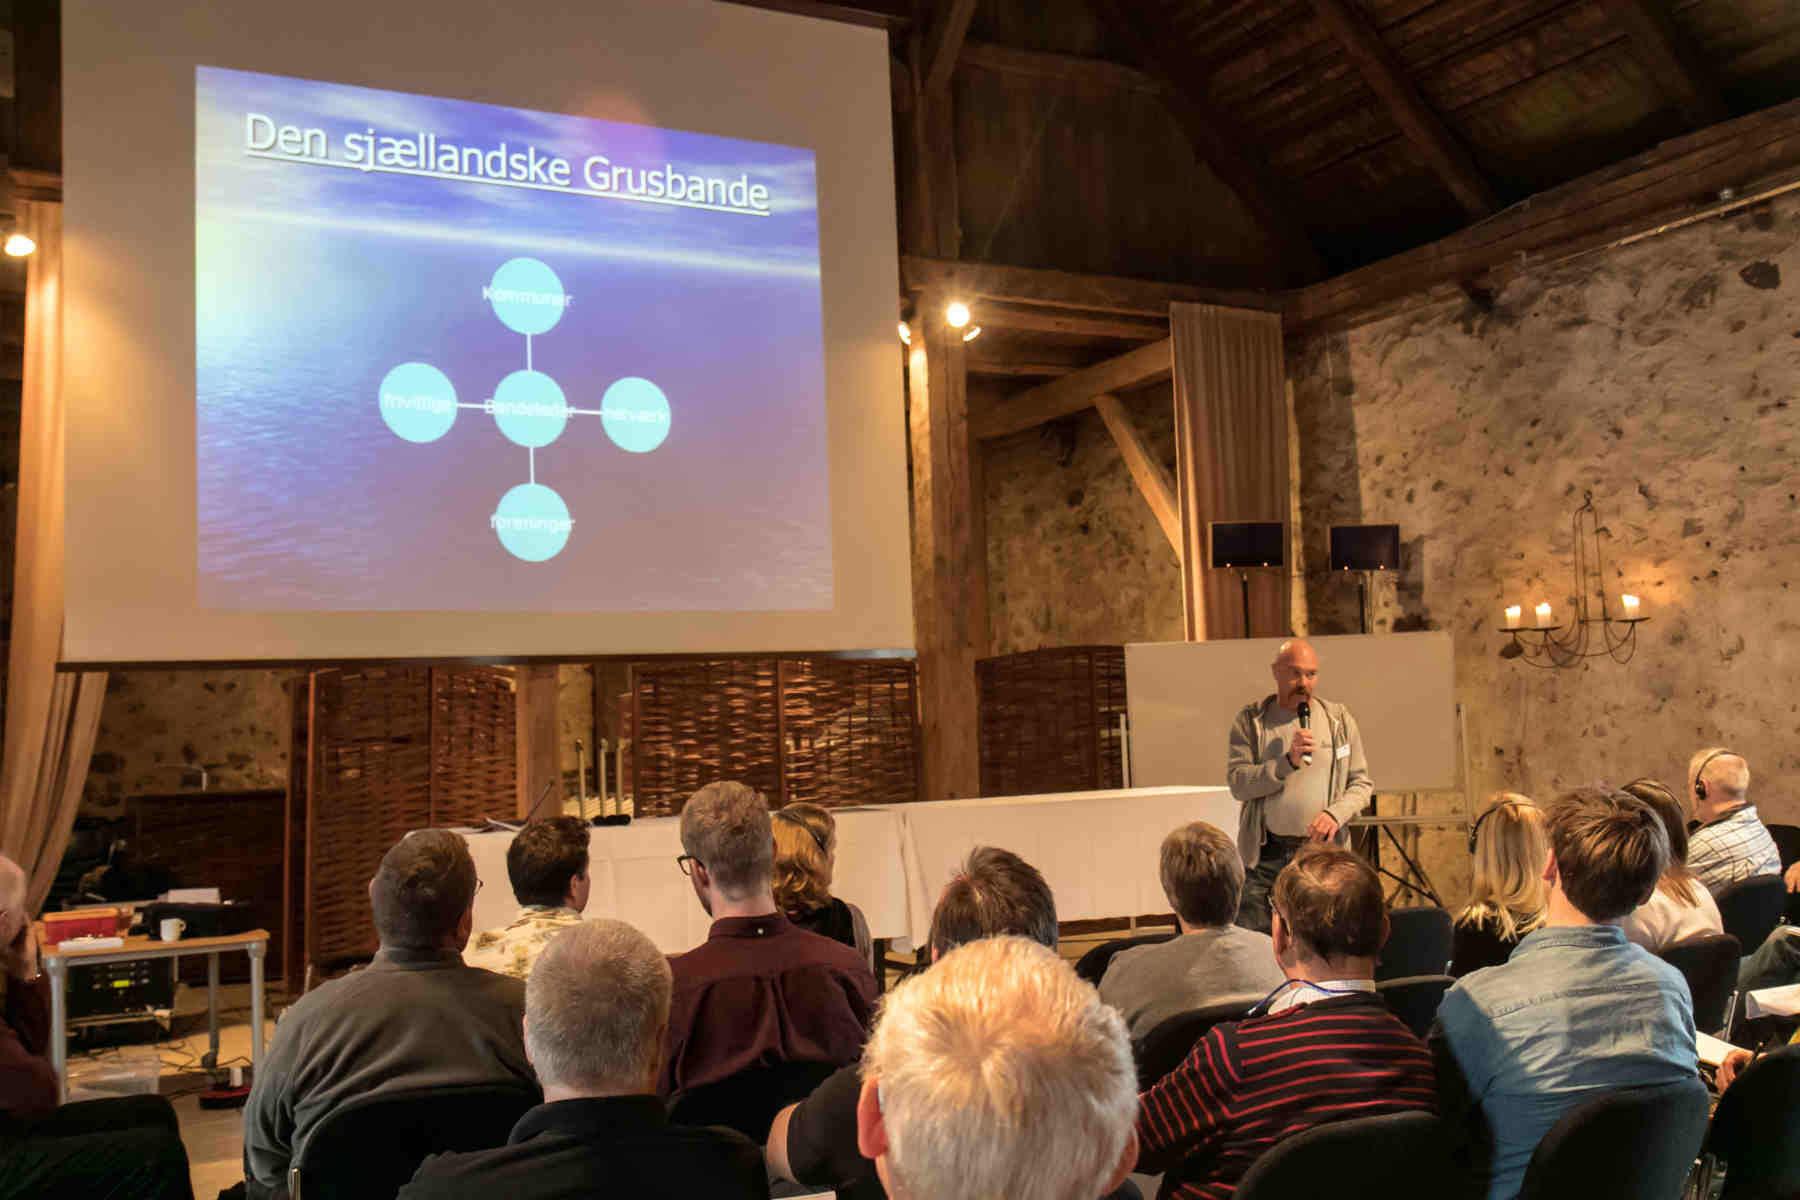 Rune Hylby høstede store bifald for sit oplæg om Den Sjællandske Grusbande, som allerede efter et år har stået bag og assisteret under 40 vandløbsrestaureringsprojekter.